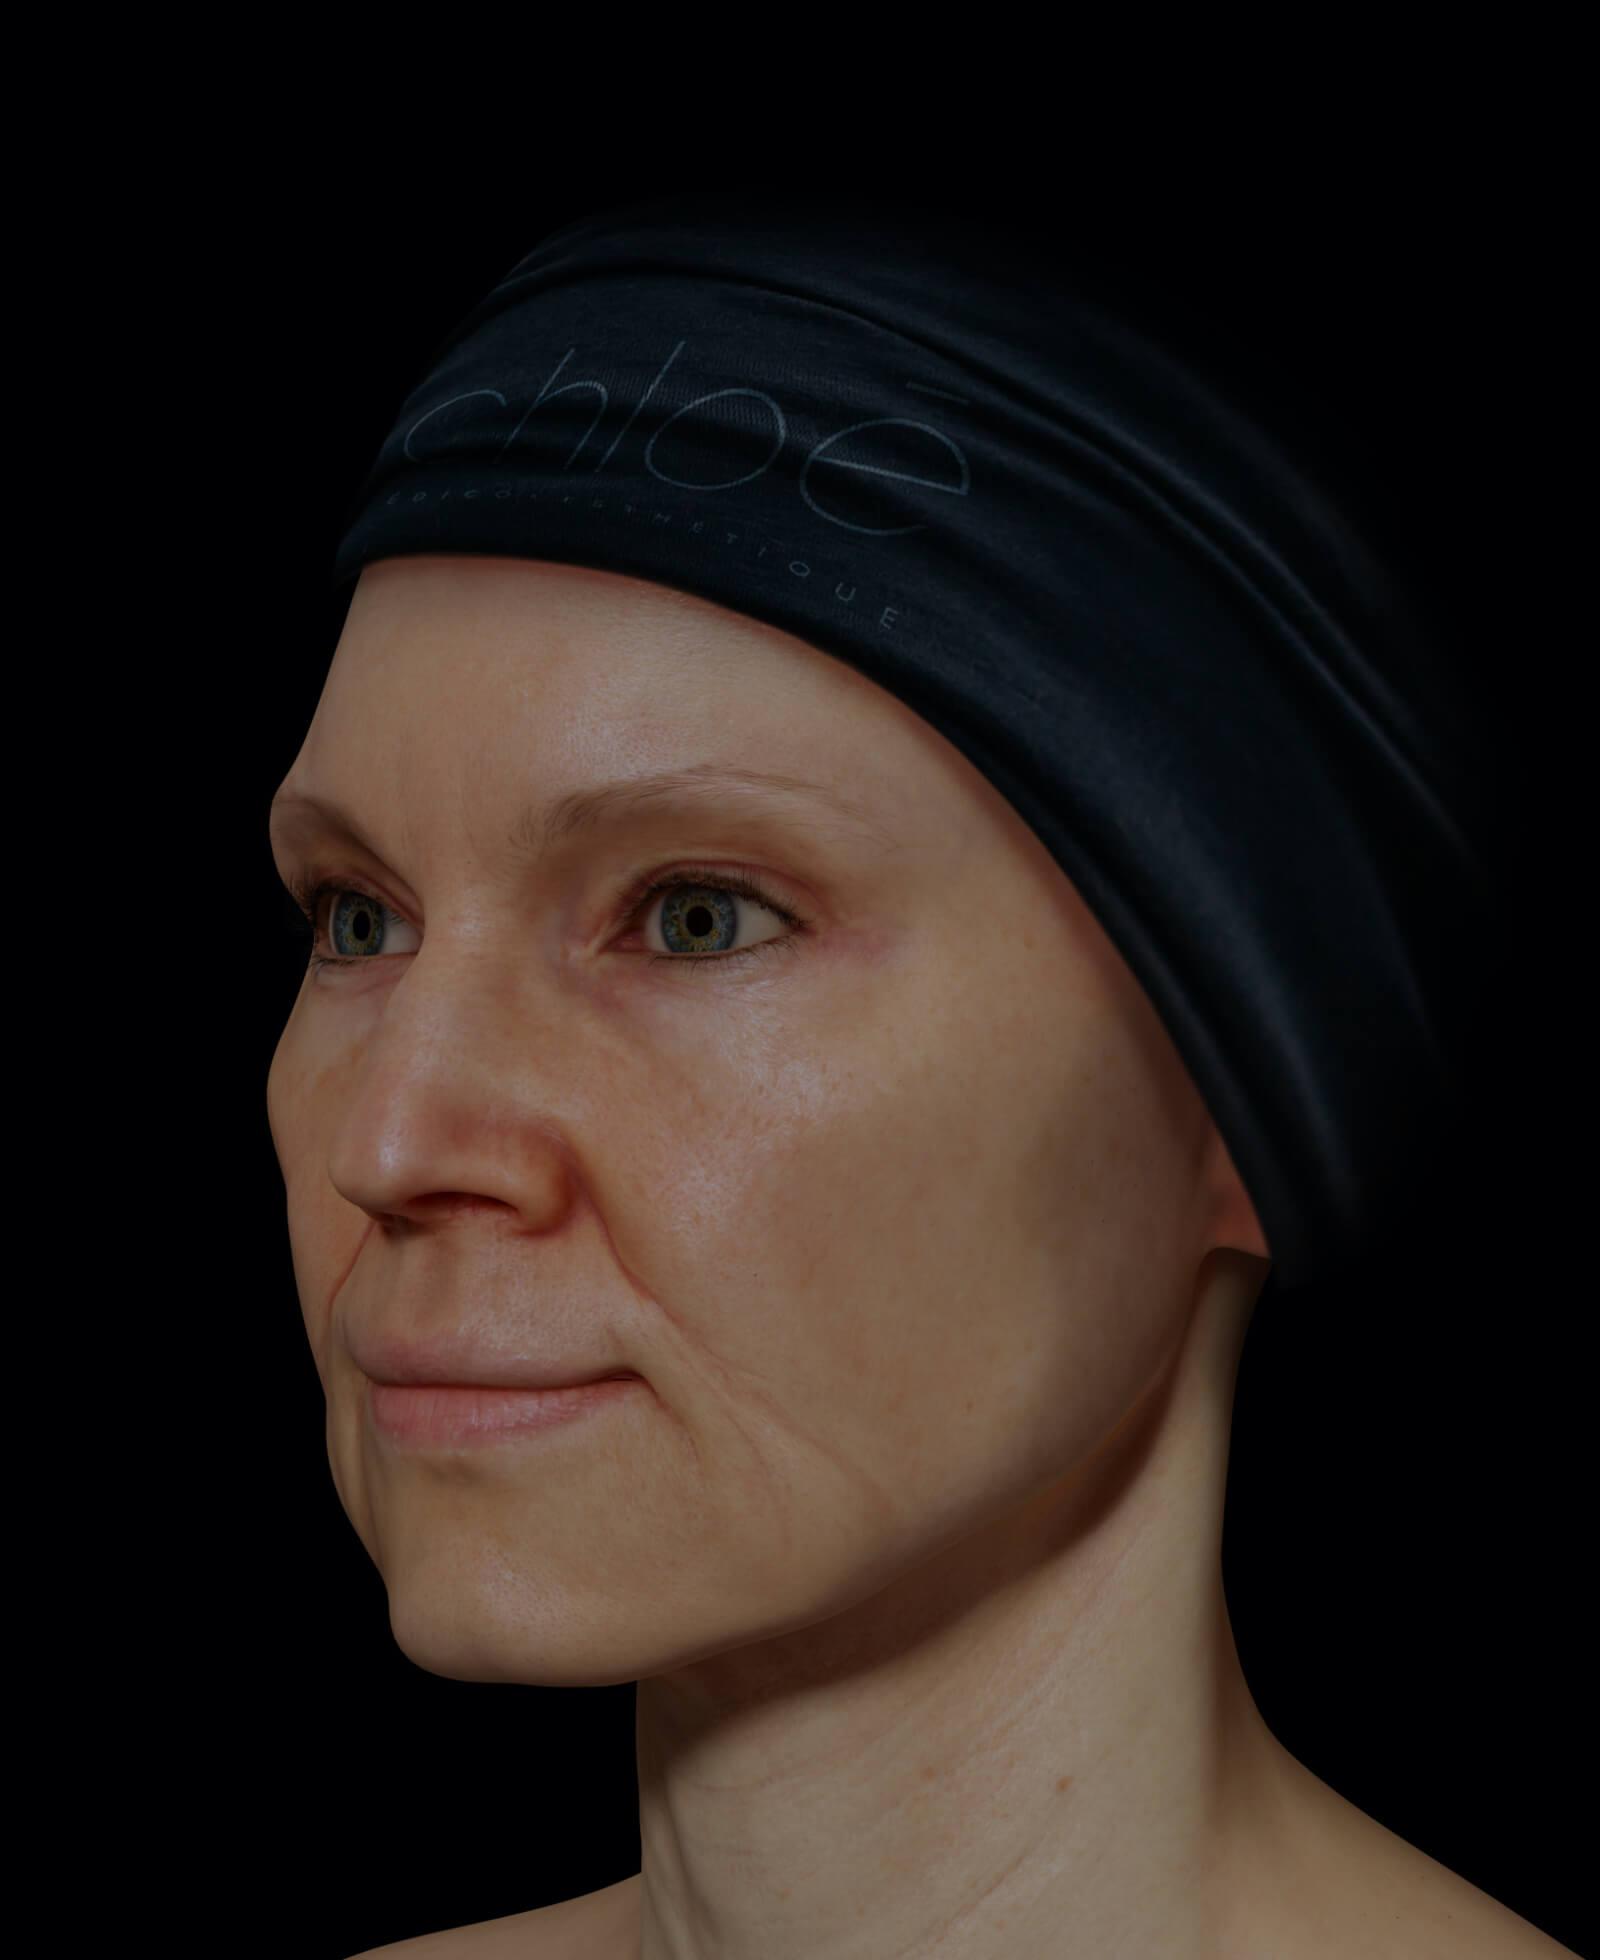 Patiente de la Clinique Chloé présentant des rides et fines ridules au niveau du visage